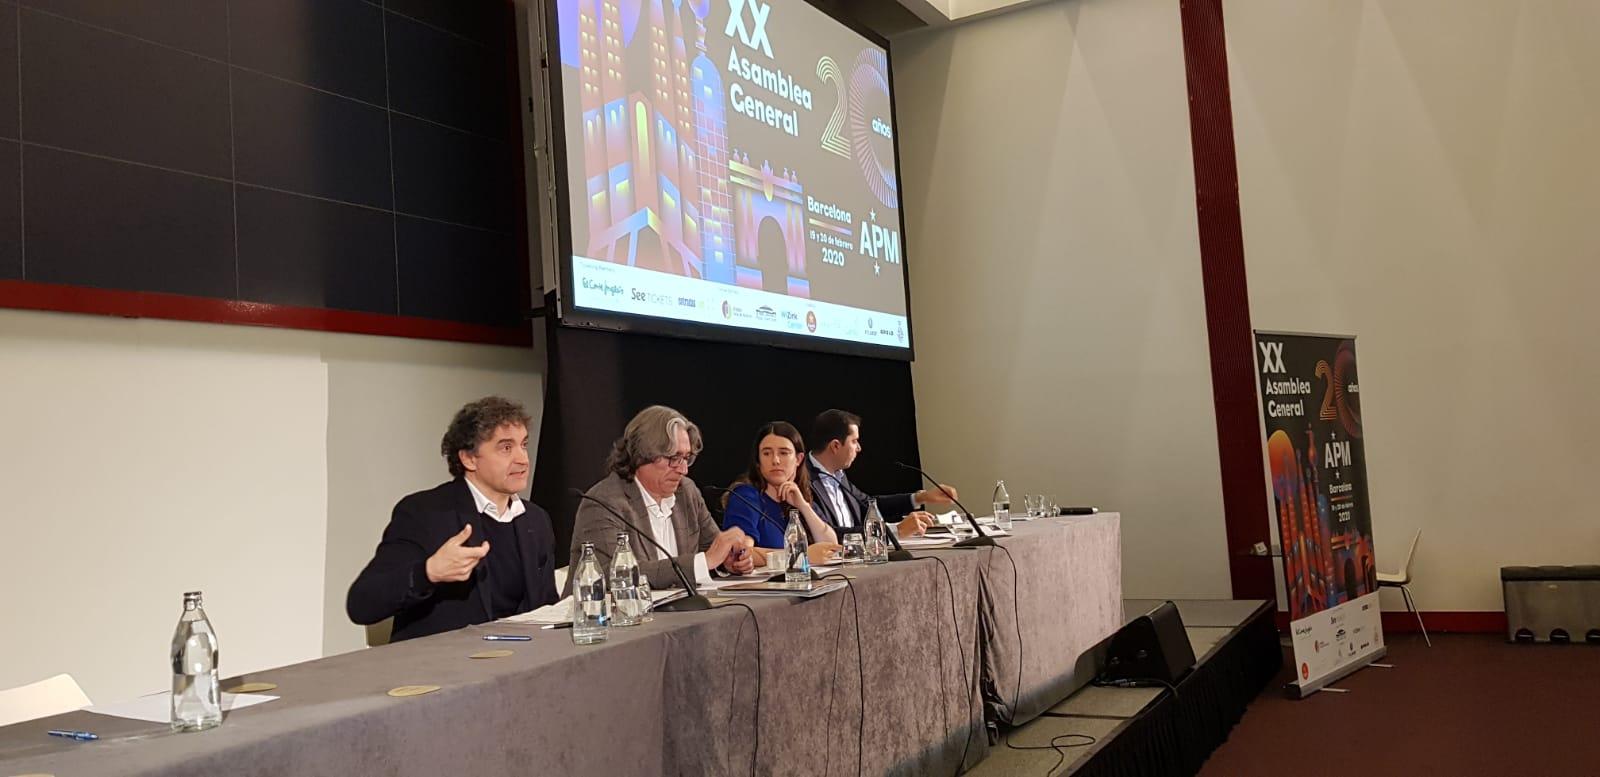 Turisme presenta su modelo de gestión de festivales en la XX asamblea general de la Asociación de Promotores Musicales